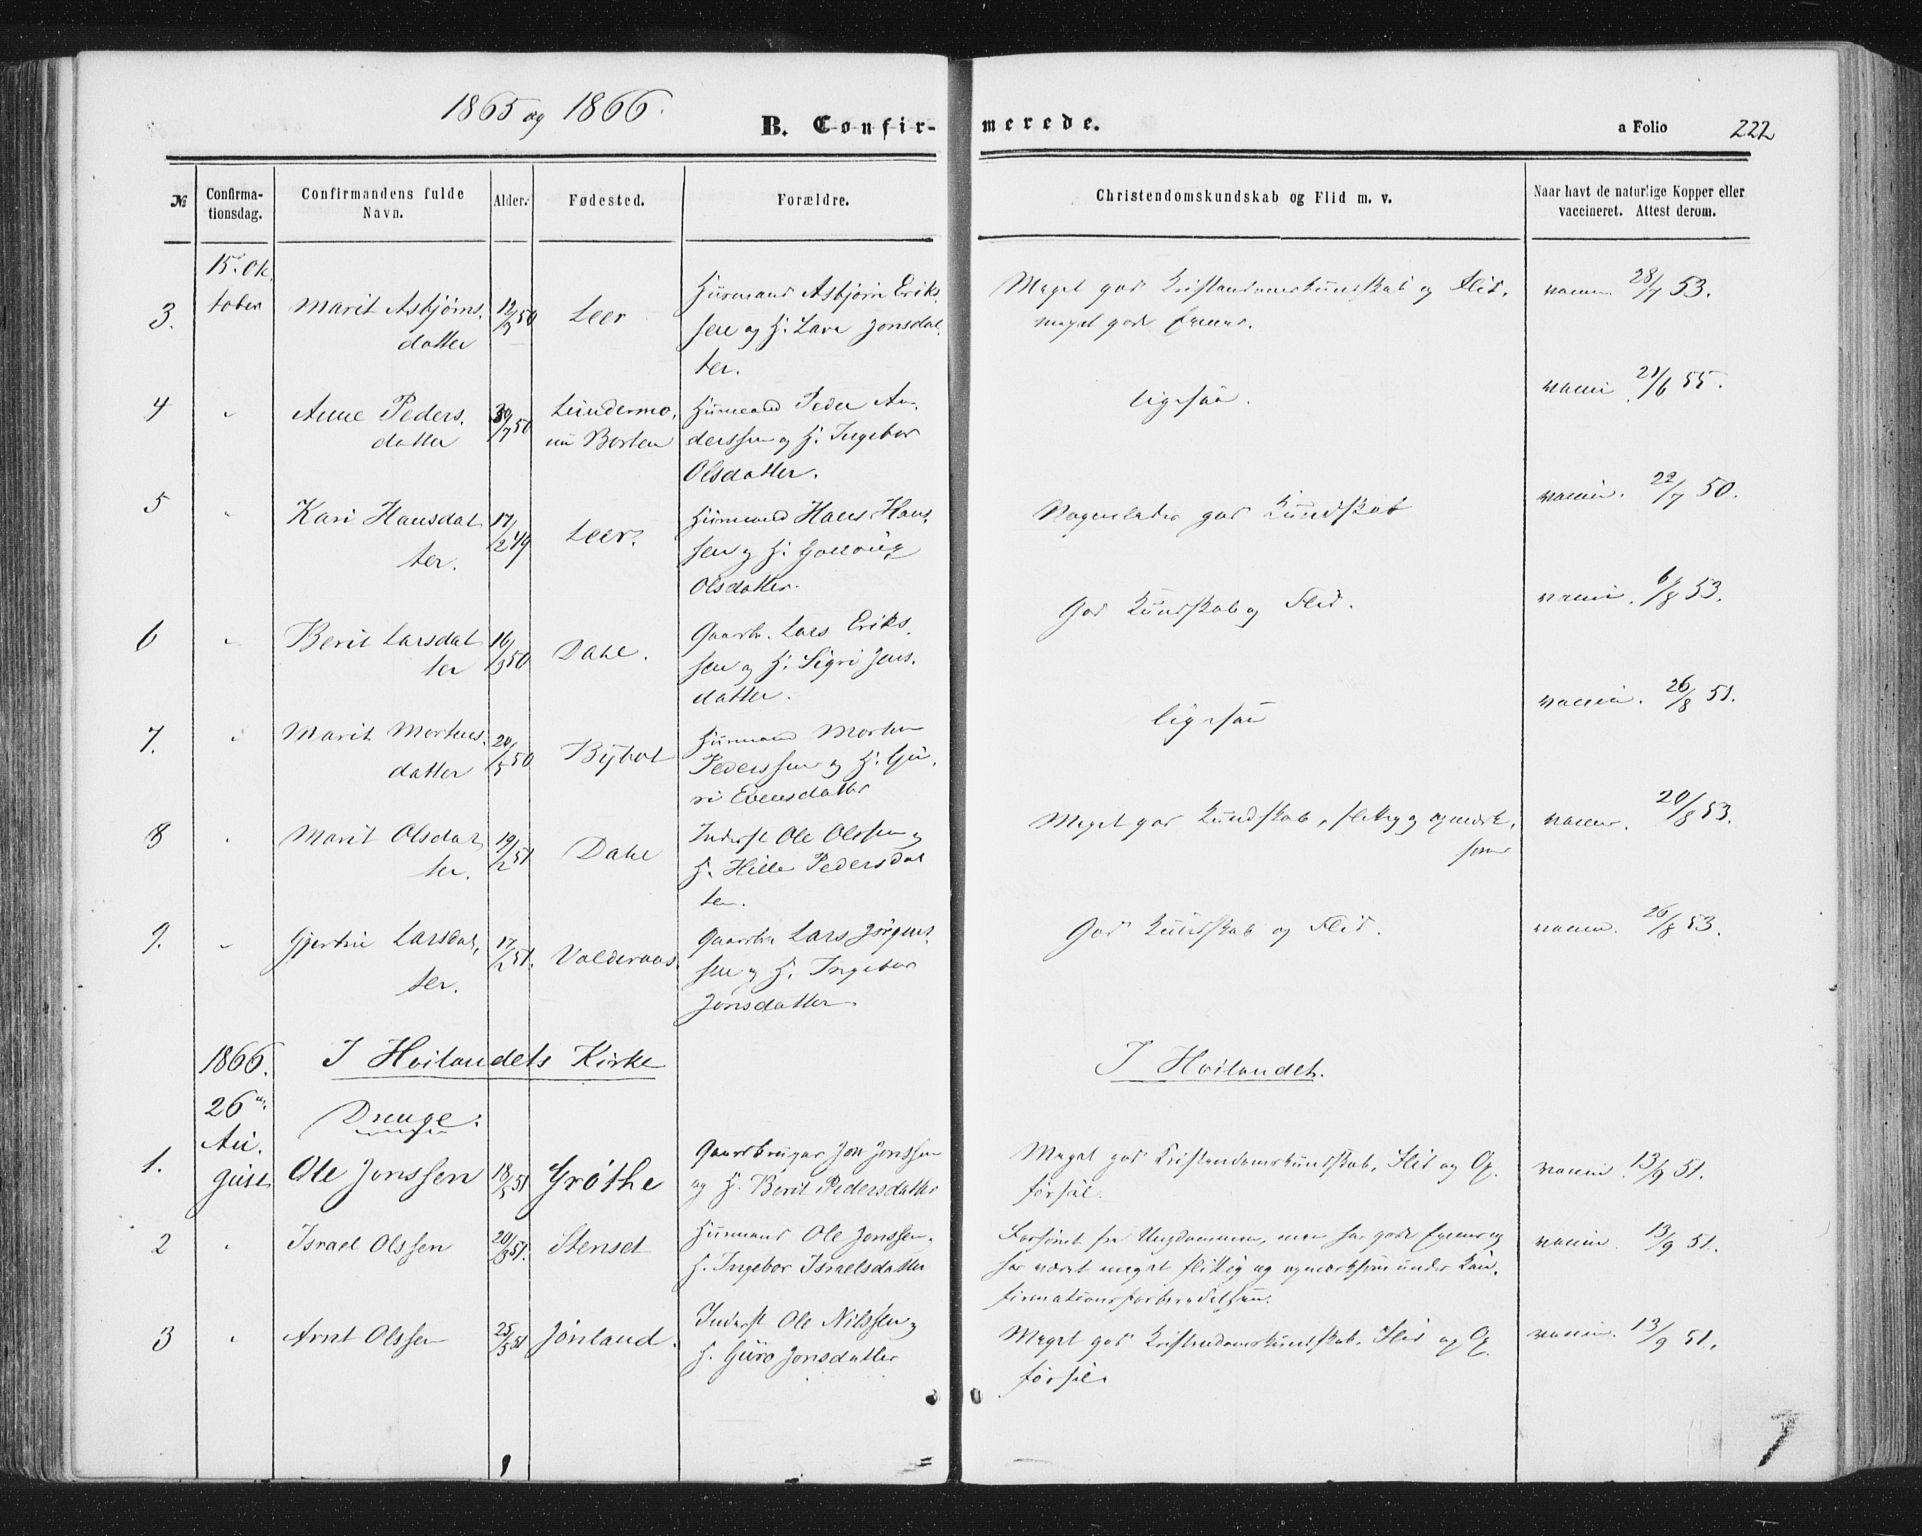 SAT, Ministerialprotokoller, klokkerbøker og fødselsregistre - Sør-Trøndelag, 691/L1077: Ministerialbok nr. 691A09, 1862-1873, s. 222